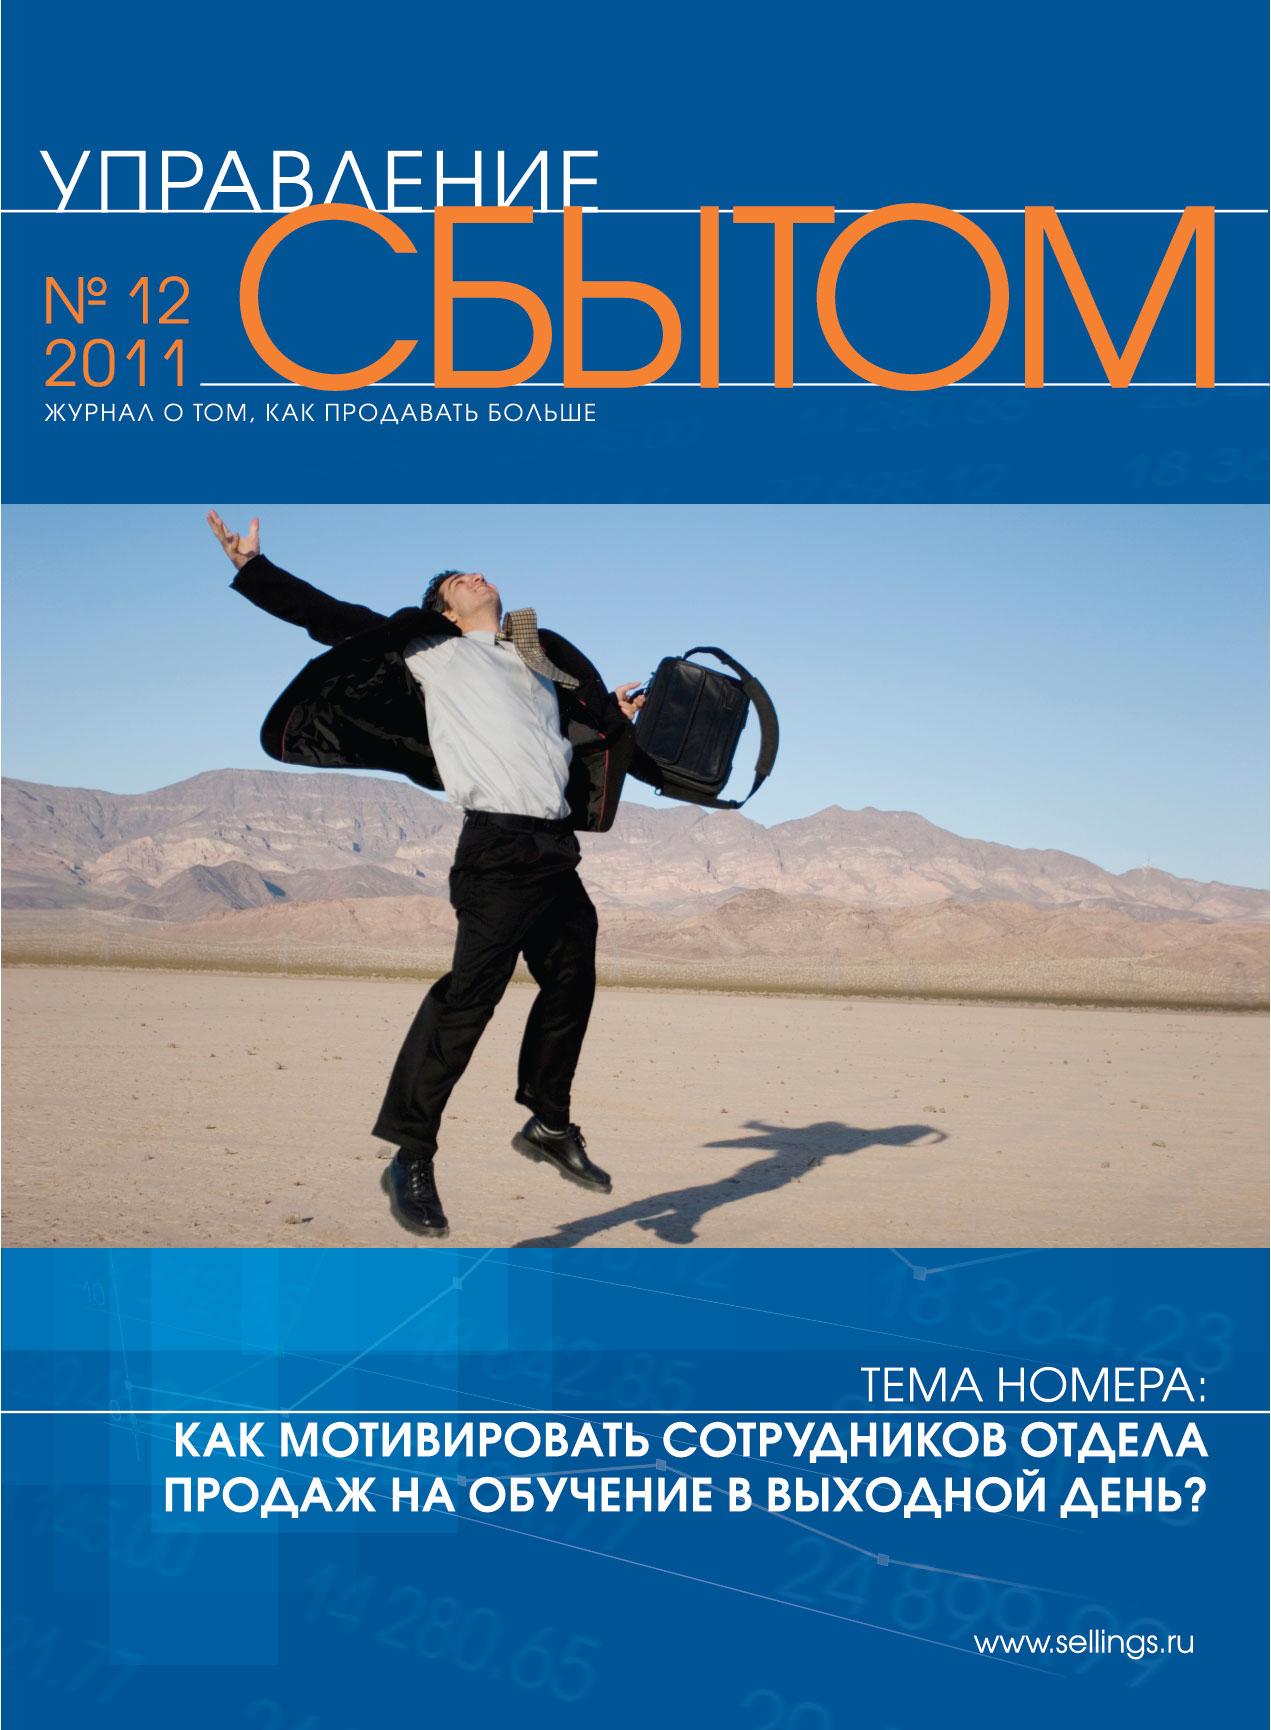 Управление сбытом журнал 14 фотография